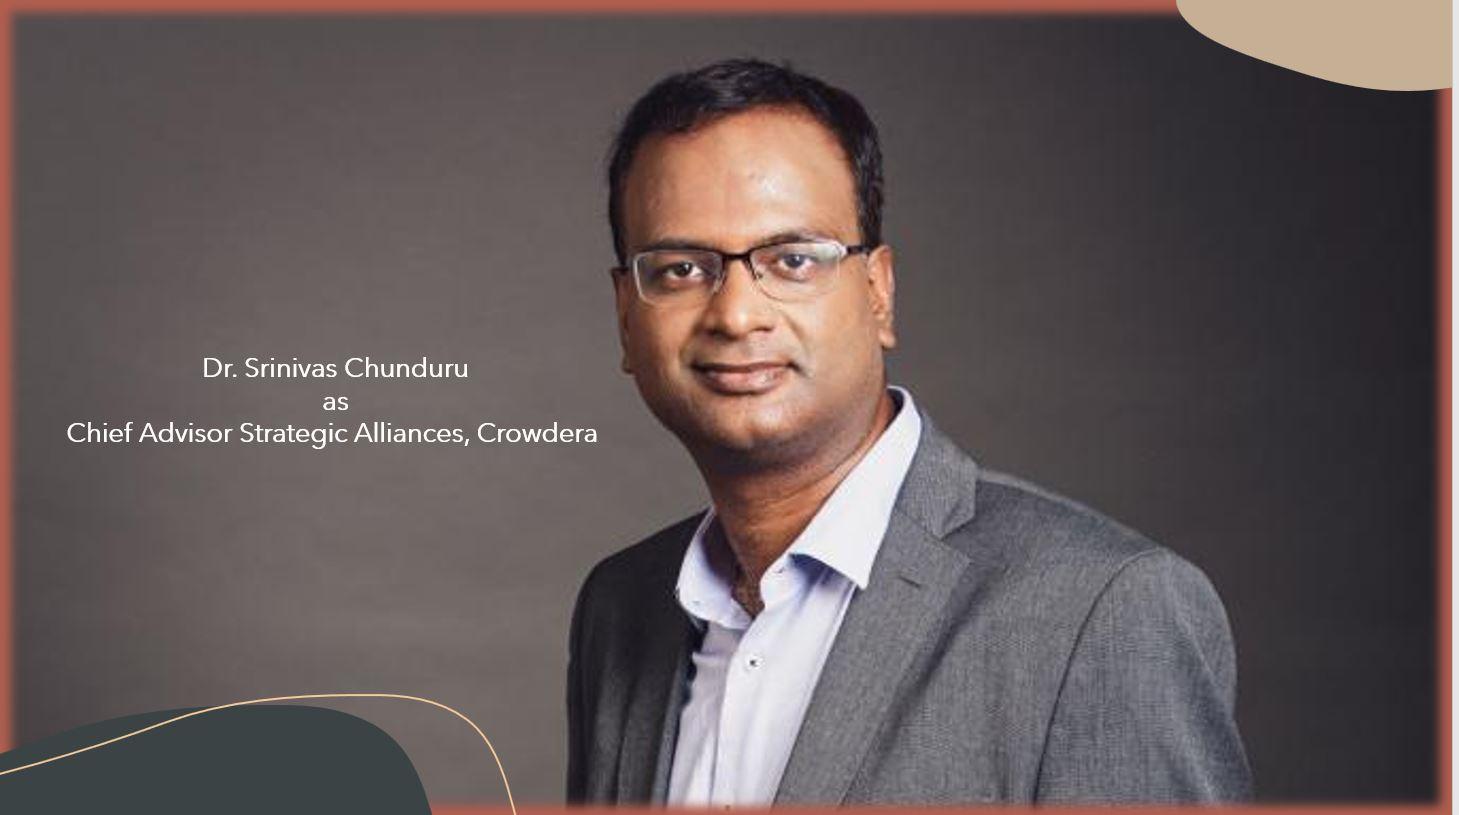 Dr. Srinivas Chunduru as Chief Advisor Strategic Alliances. min